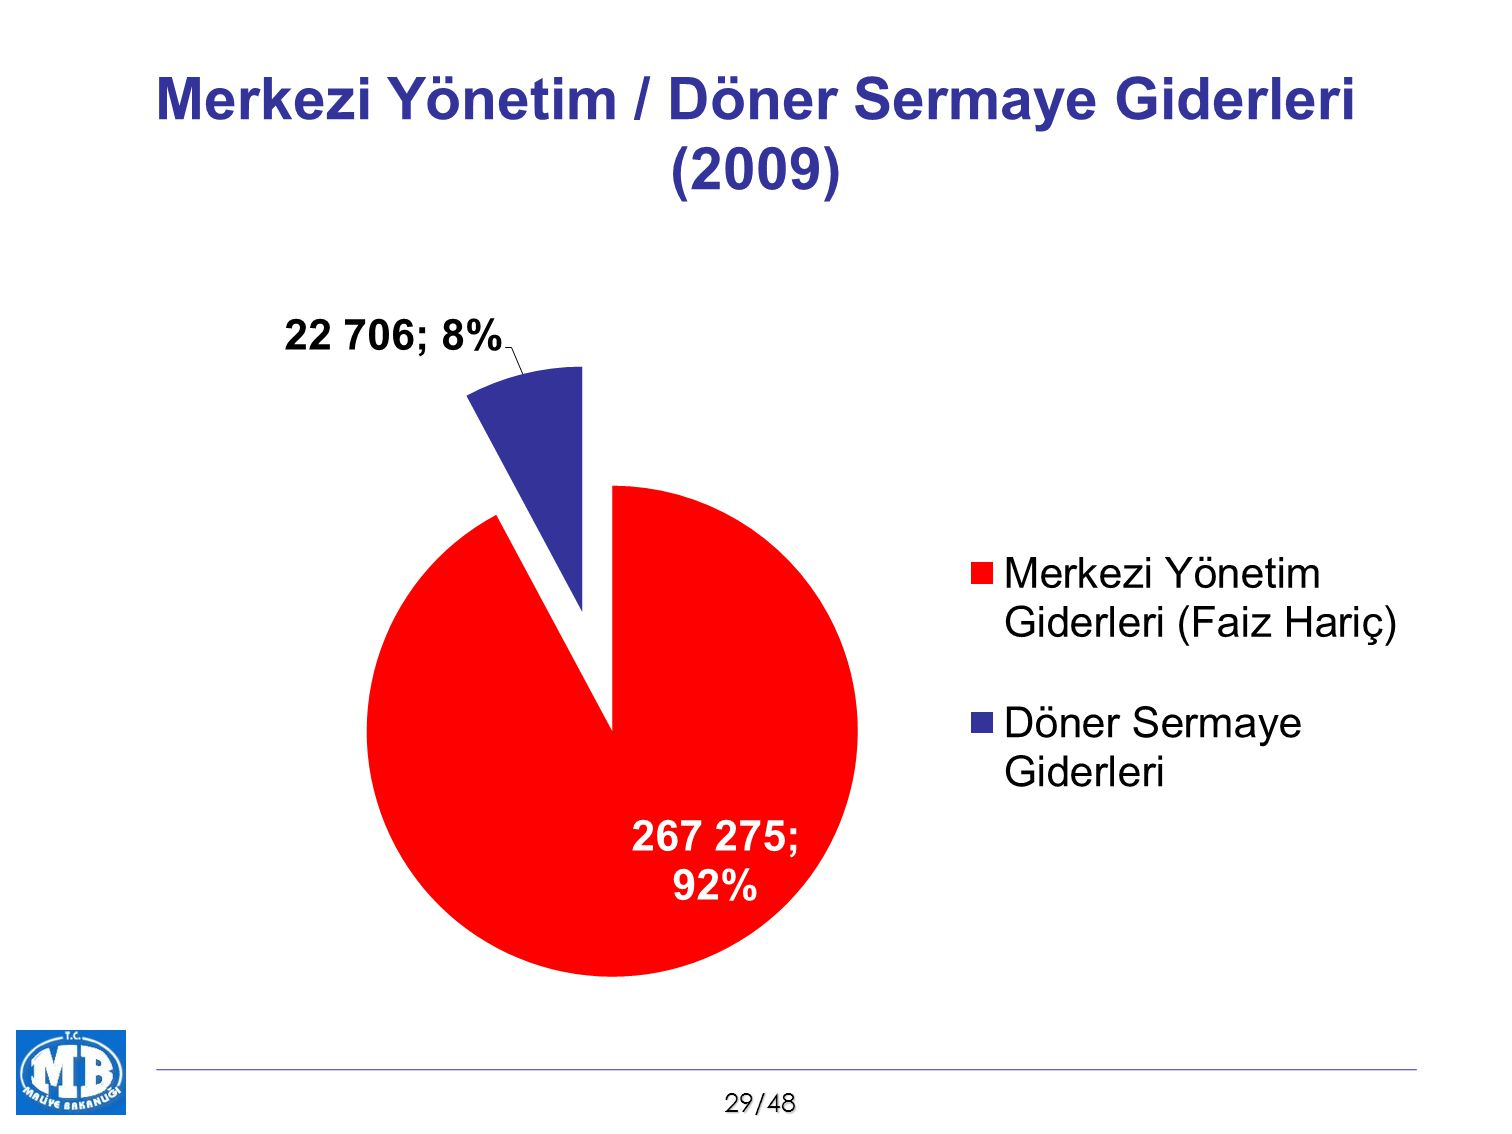 Merkezi Yönetim / Döner Sermaye Giderleri (2009)